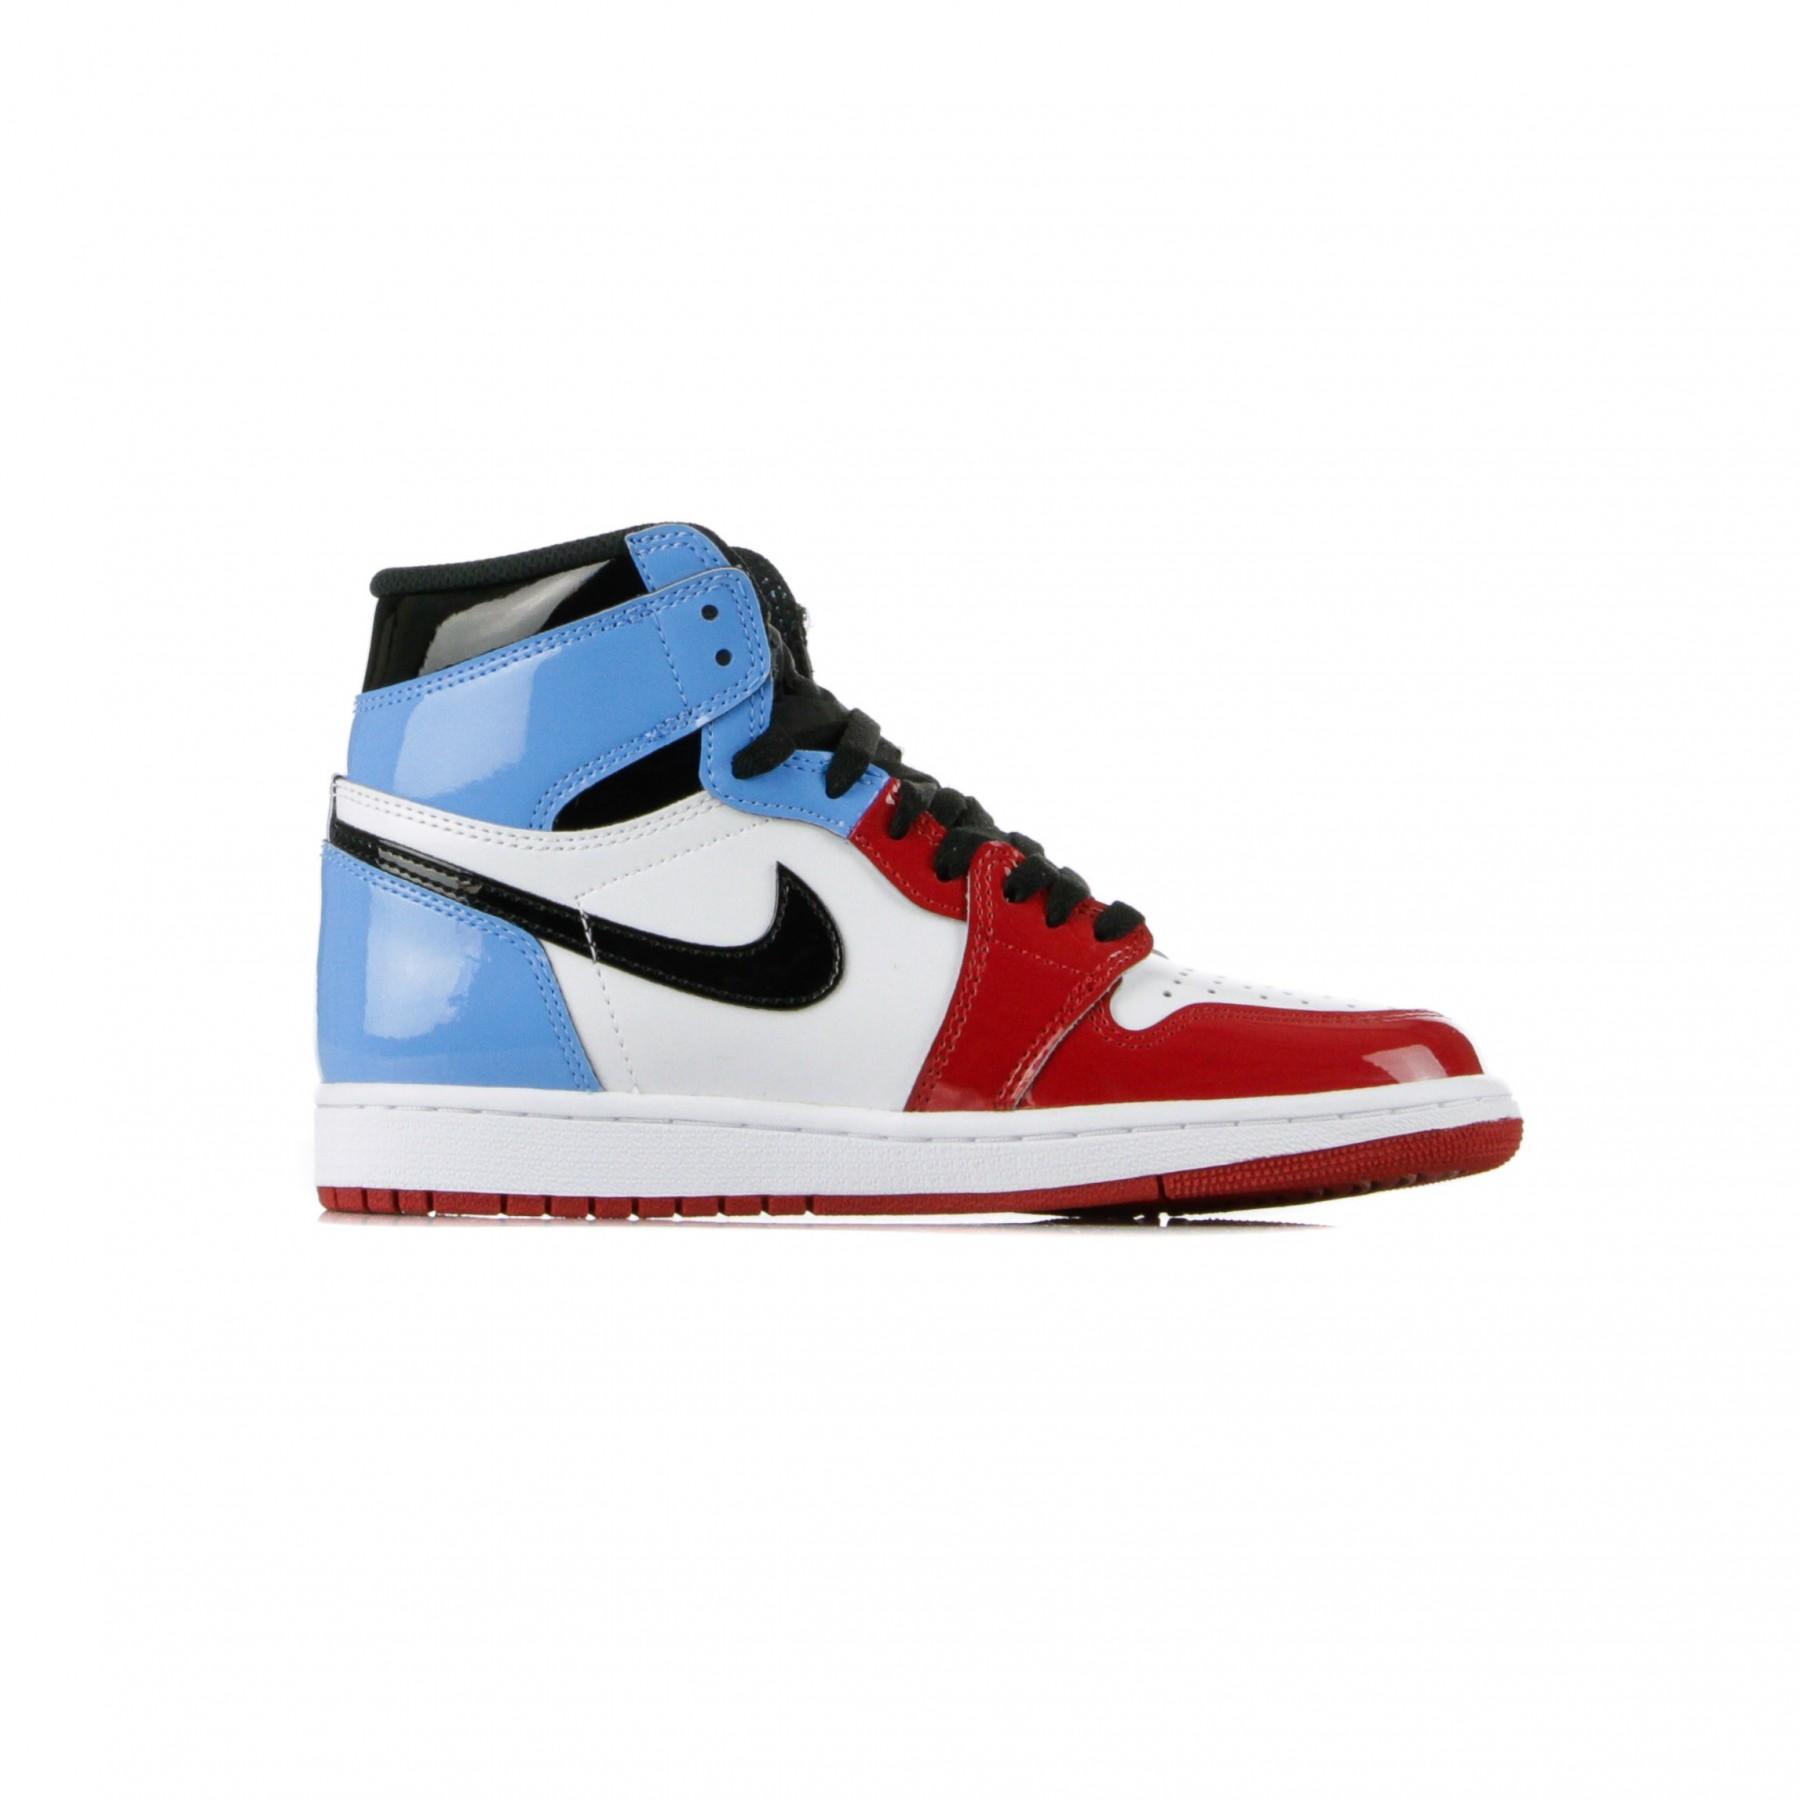 air jordan 1 high rosse e blu